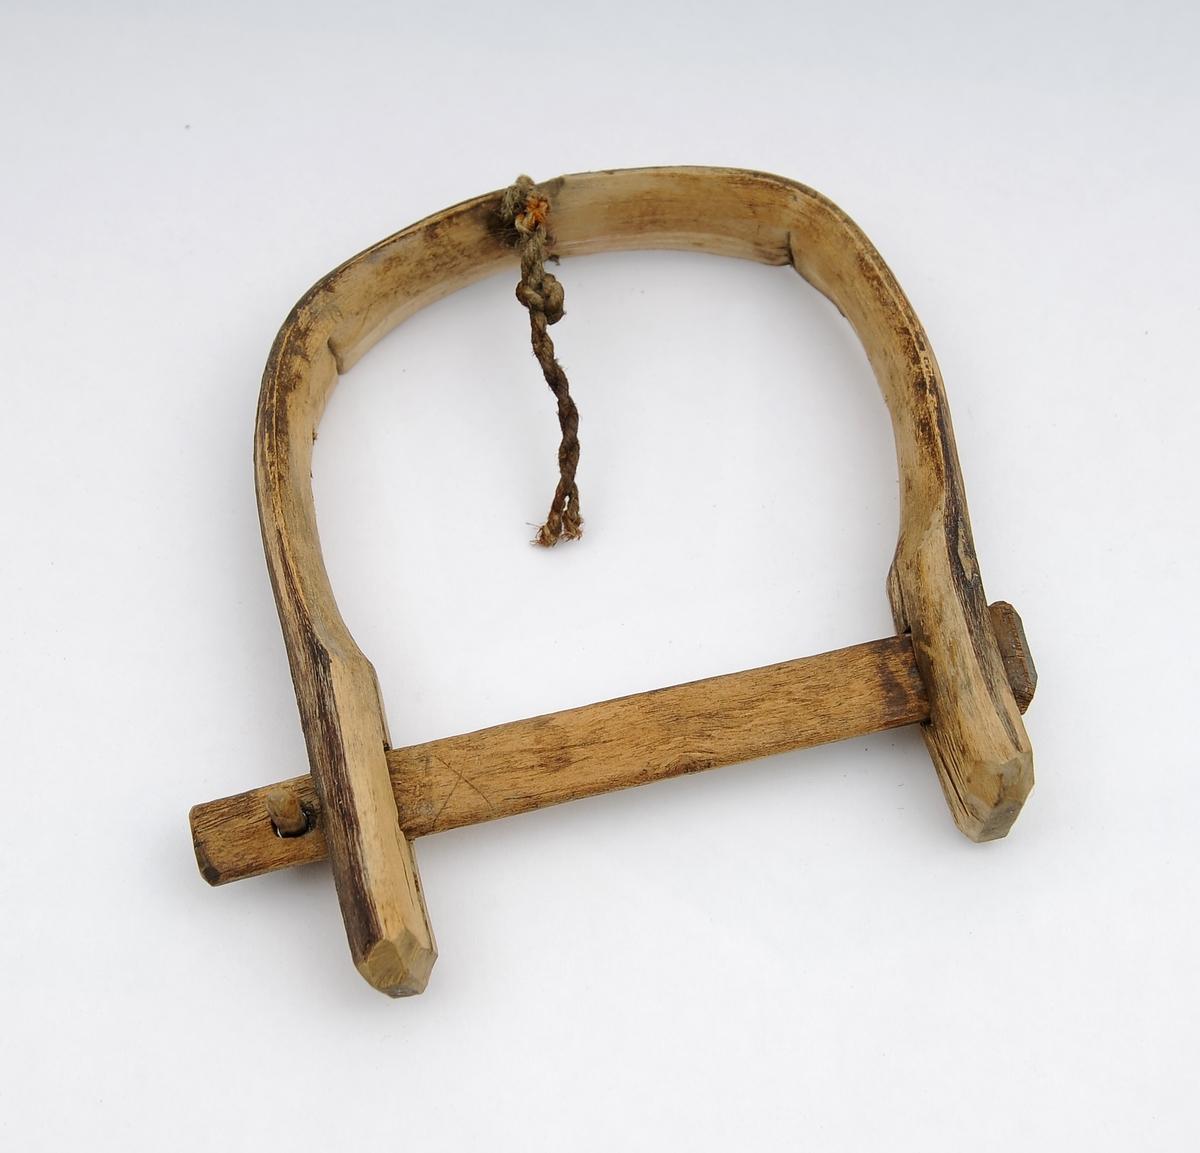 Garnklave og 10 garnnål. Garnklave har en tverrpinne som kan løsnes fra klaven, Utstyret ble brukt under bøting av garn. 10 garnnål hører til garnbøtingsutstyret. I den buede enden av klaven har det vært festet ei snor som ble brukt til å feste klaven til en vegg eller tilsvarende. En tverrpinne kan løsnes fra klaven.   En garnklave er et redskap som brukes til å holde fast garnlinet under binding av fiskegarn. Garnklaven har form som en hestesko med en låsepinne på tvers av åpningen. På motsatt side av pinnen er det feste for et snøre som i den andre enden er knyttet til et fast punkt. Noen klaver var festet til et forsyn med en stor fiskekrok i enden. Garnklavene var laget av et hardt treslag; de var så enkle å lage at de fleste fiskere laget dem selv. Kilde. snl.no/garnklave